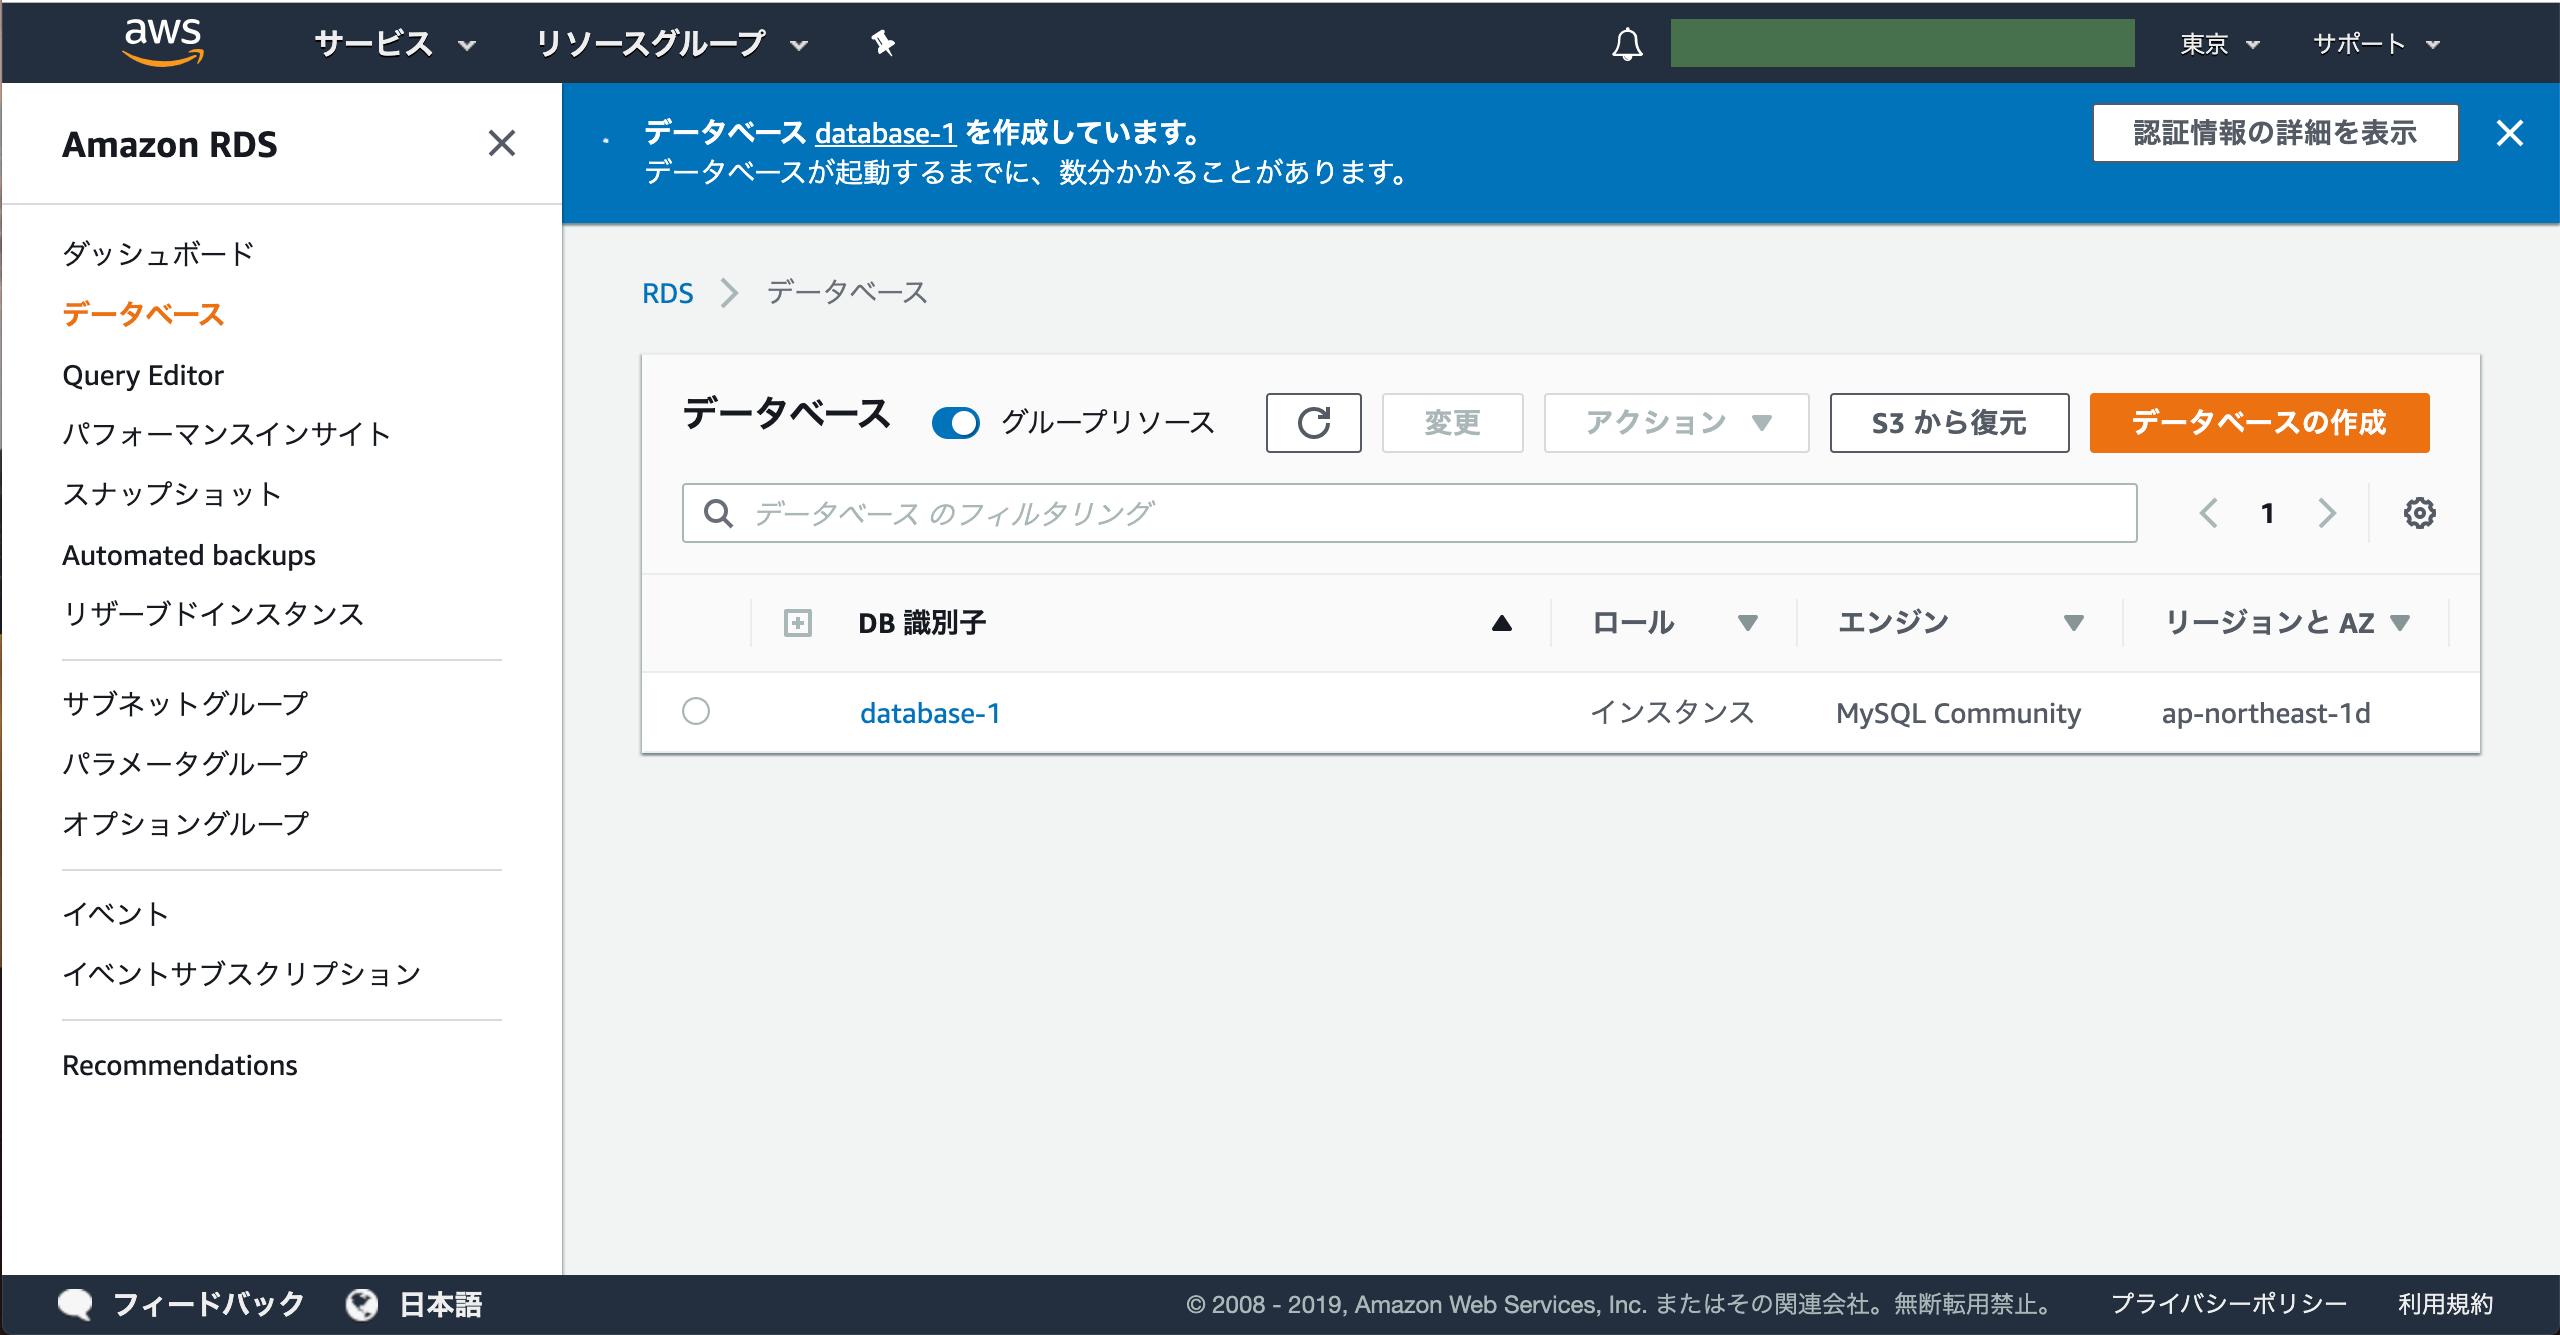 スクリーンショット 2019-10-02 15.35.35.png